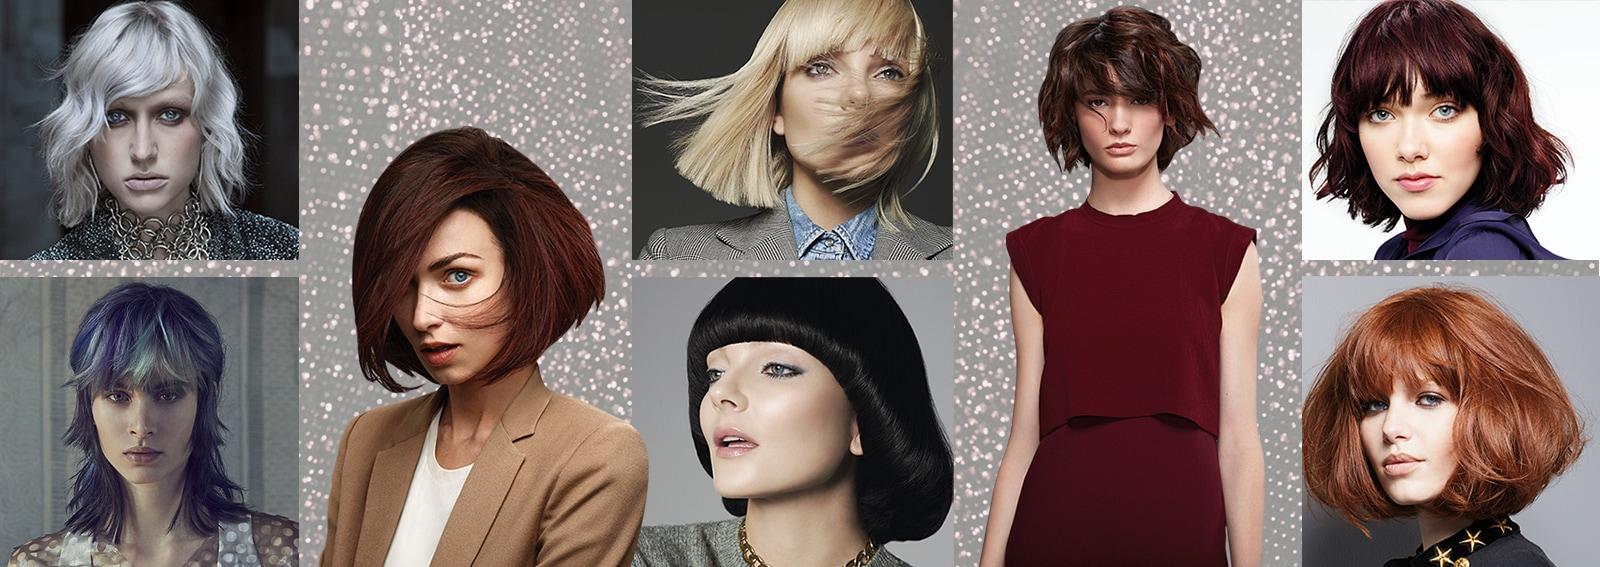 tagli capelli medi saloni autunno inverno 2017 2018 collage_desktop